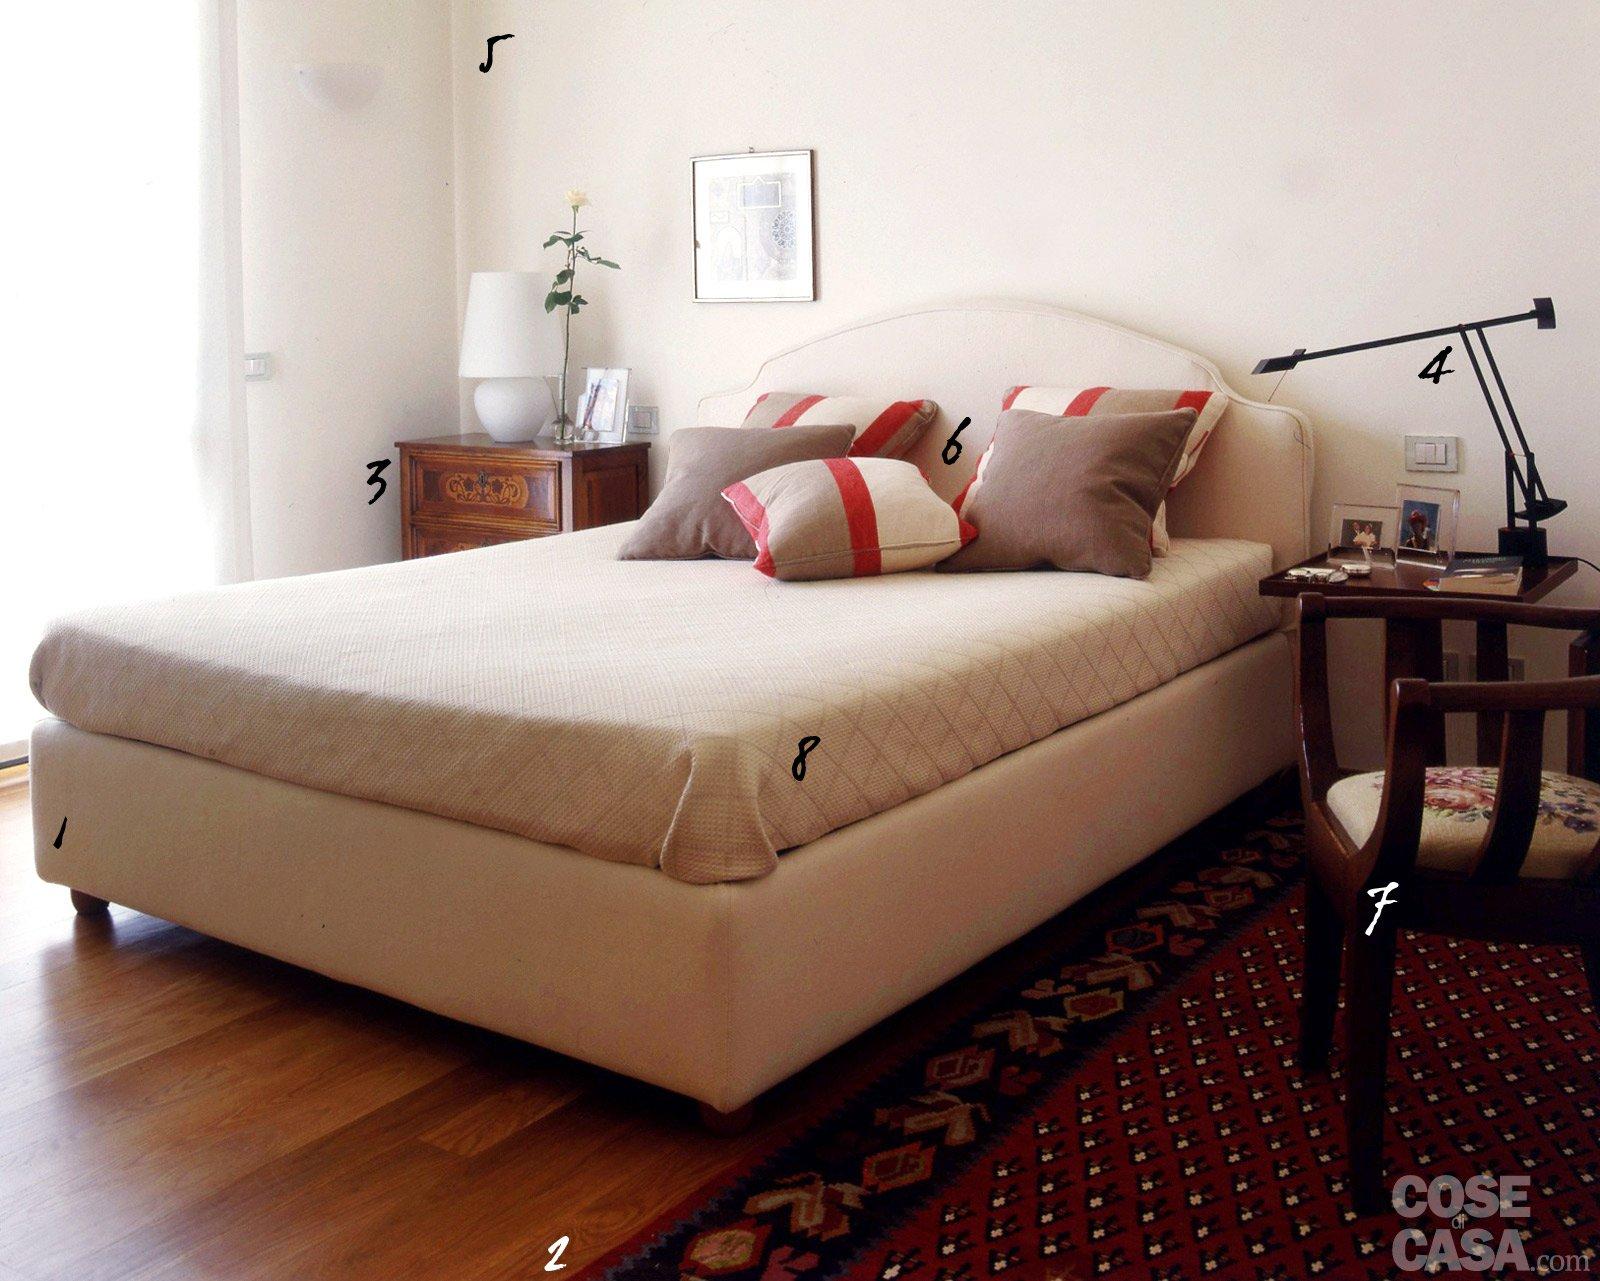 Camera da letto classica ma contemporanea cose di casa for Lampadario camera da letto contemporanea